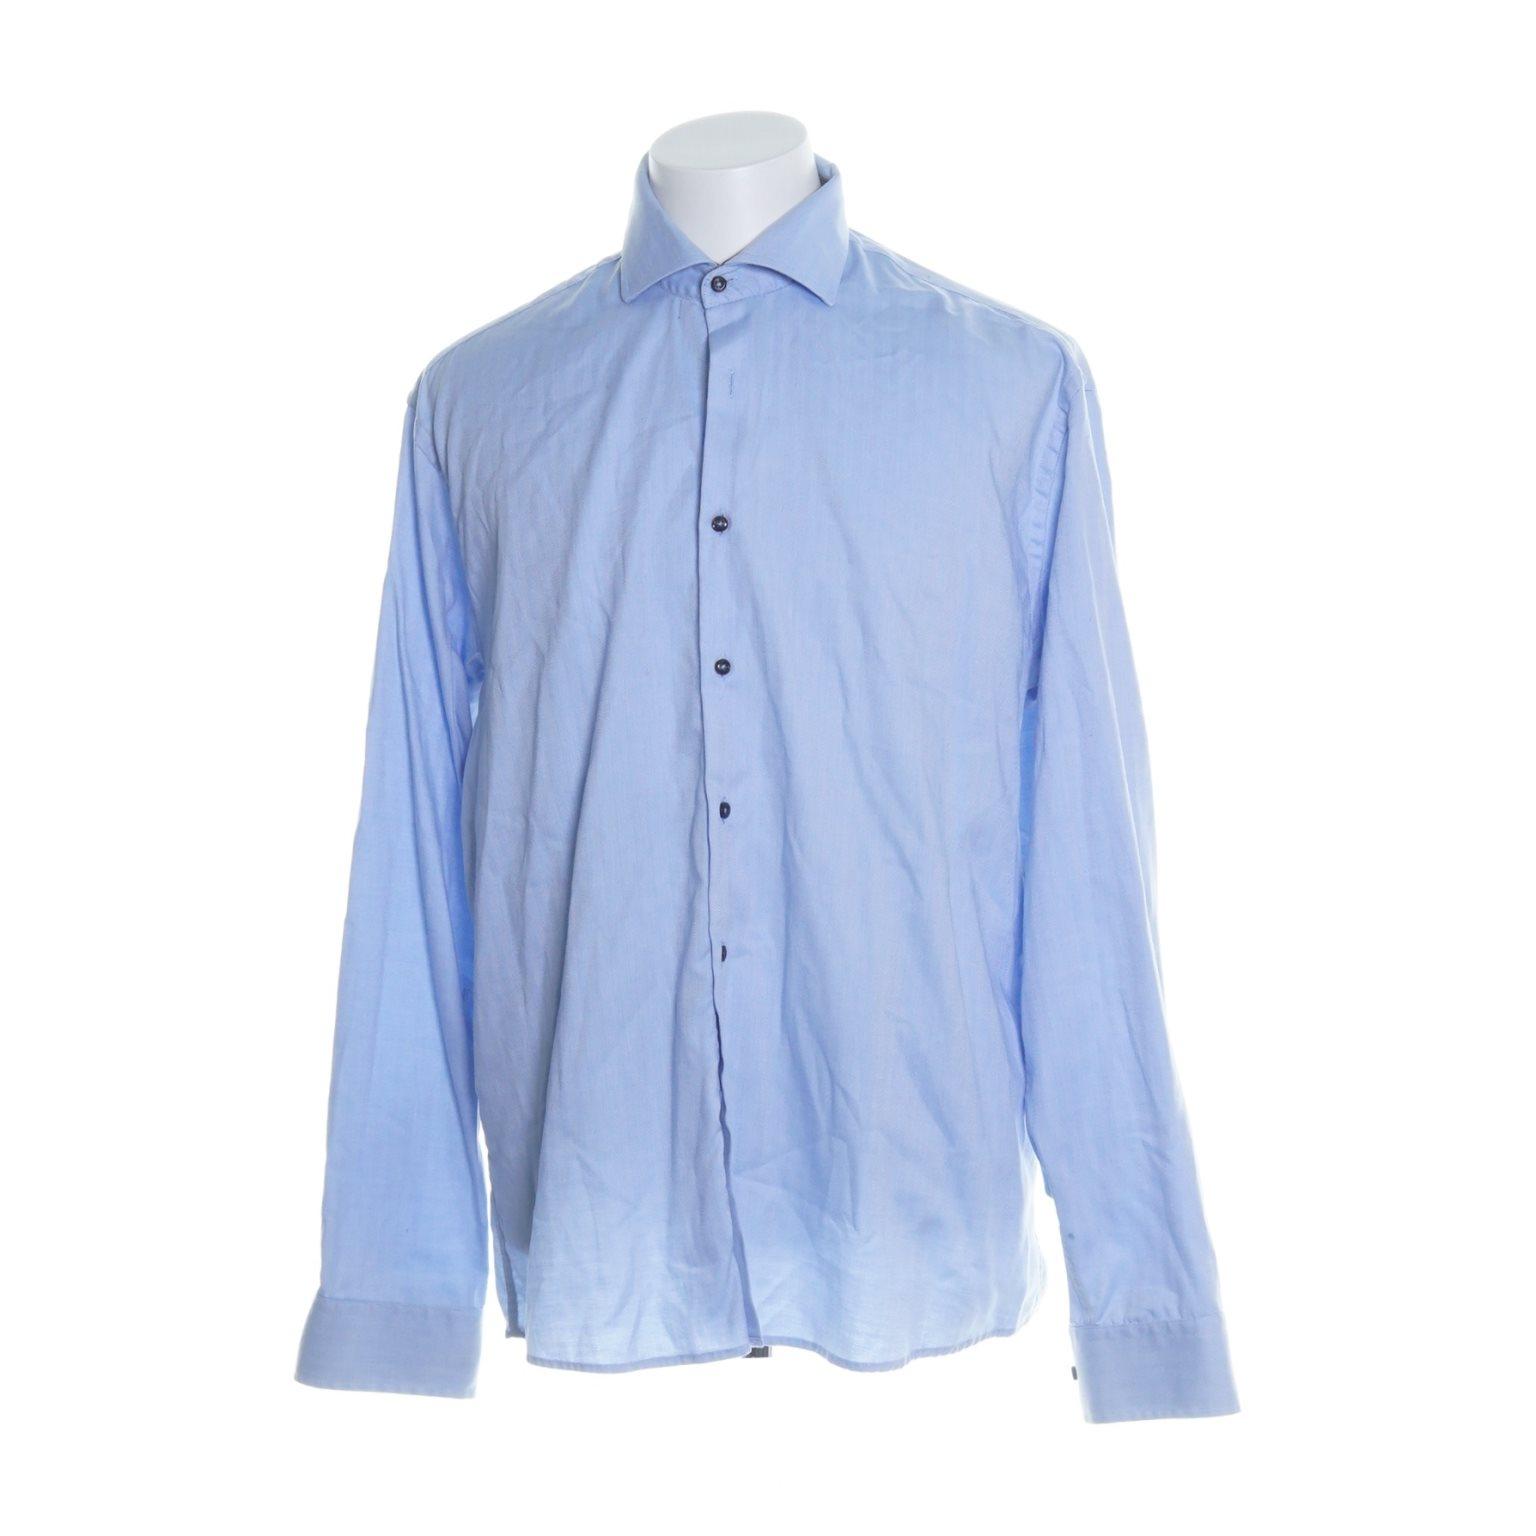 seven seas skjorta